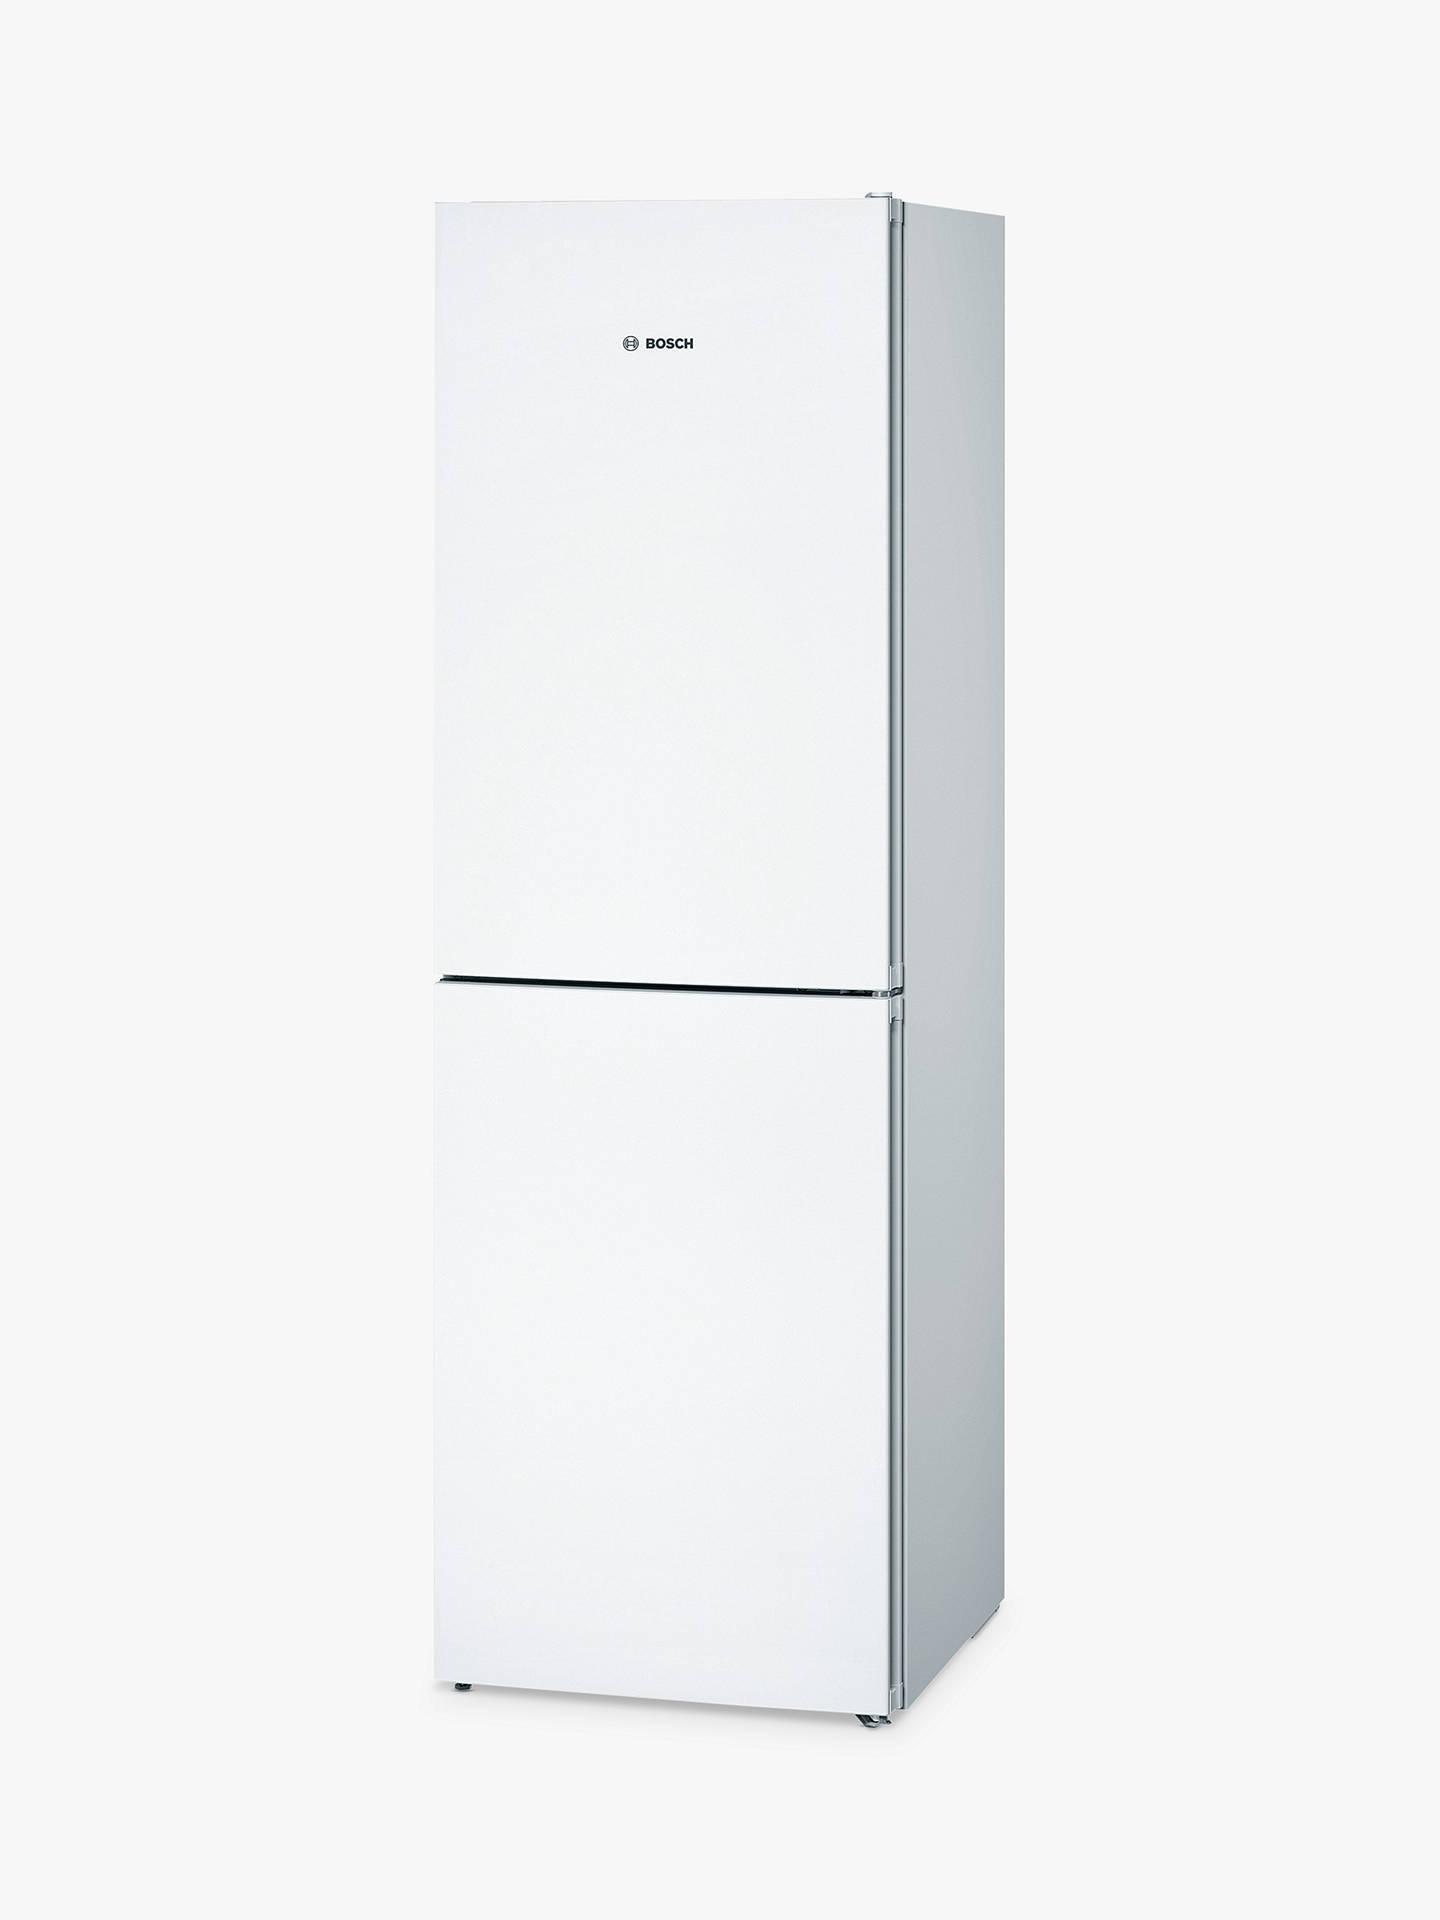 Bosch KGN34VW35G Freestanding Fridge Freezer, A++ Energy Rating, 60cm Wide,  White